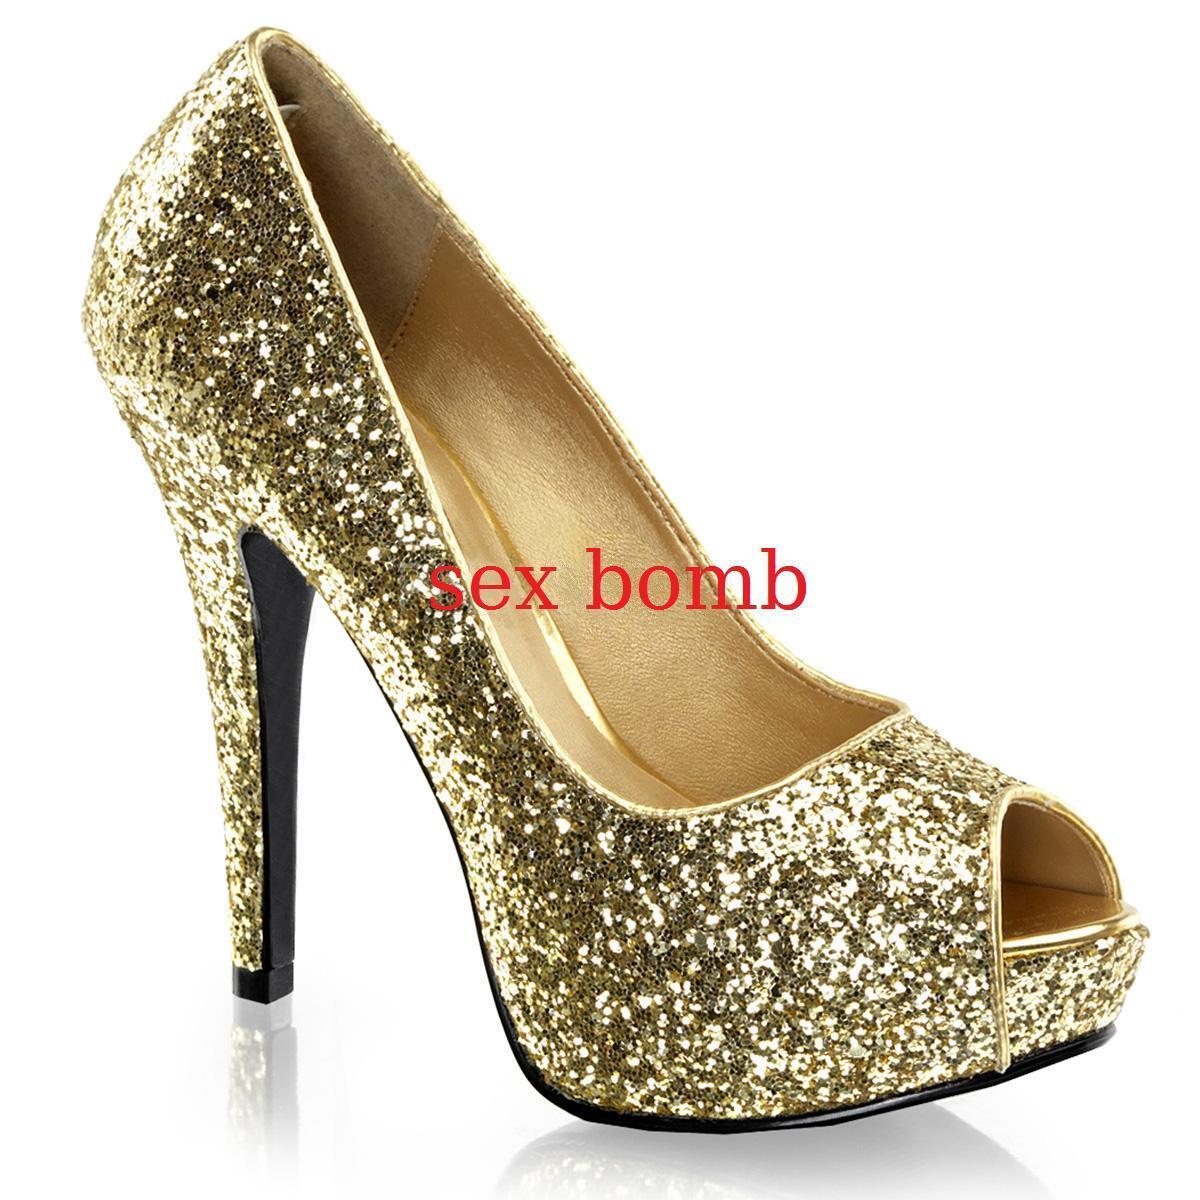 acquisto limitato SEXY scarpe decolte oro spuntate GLITTER tacco 13 dal 35 35 35 al 41 fashion GLAMOUR   consegna gratuita